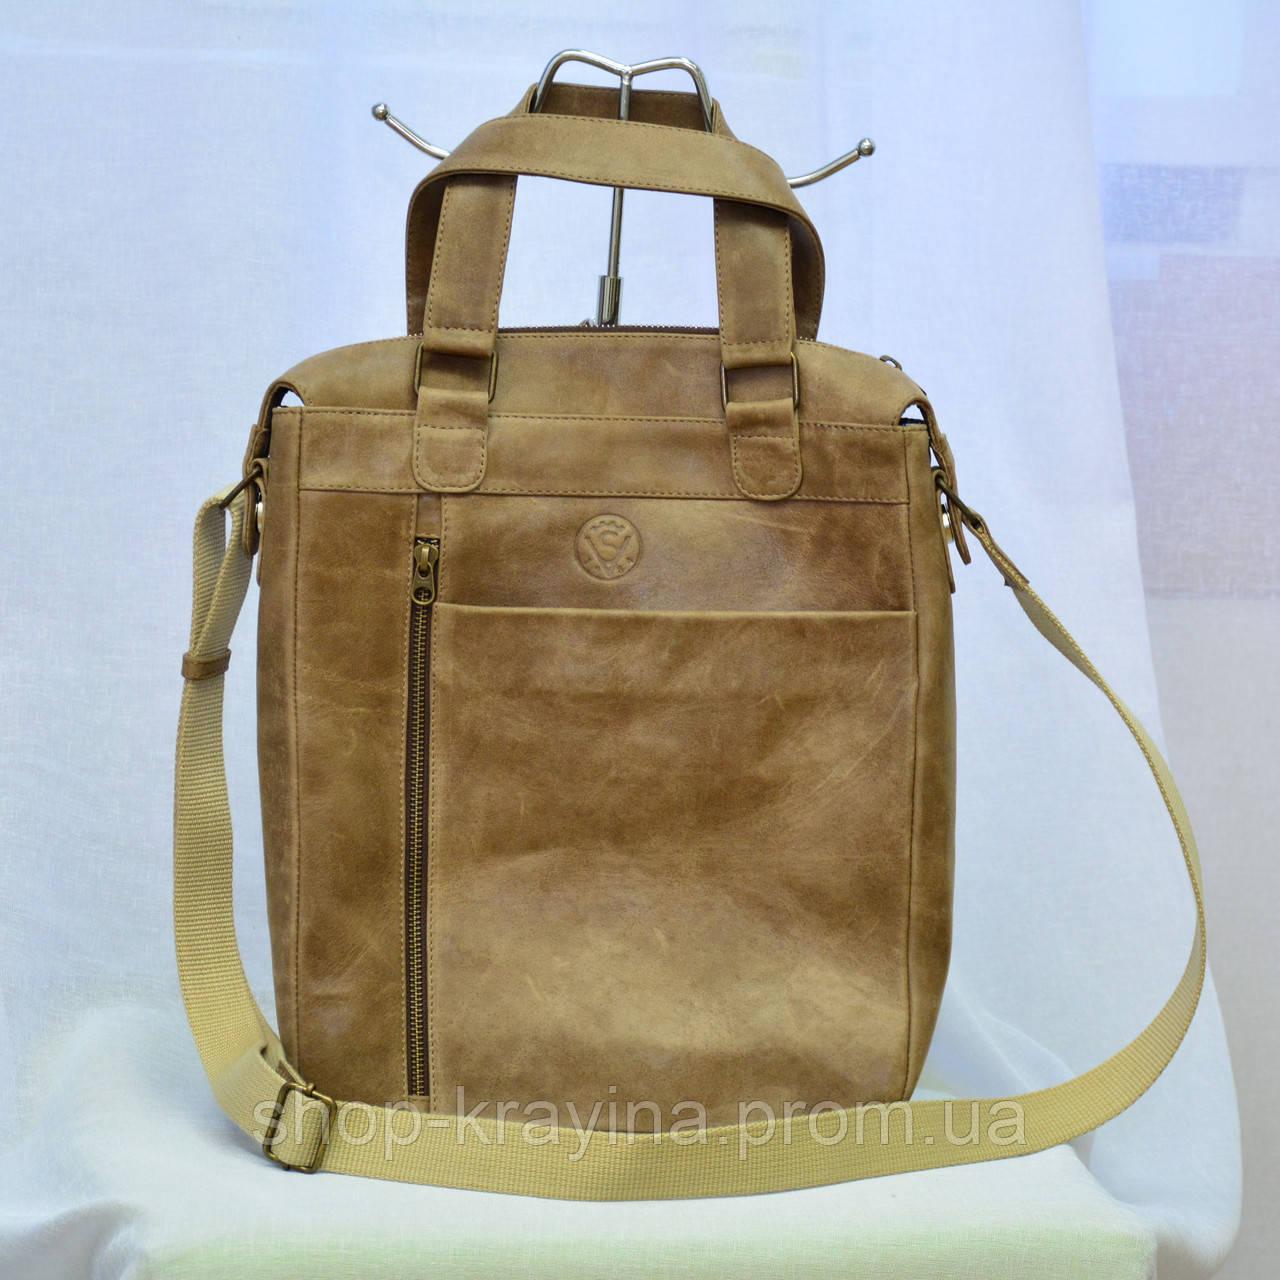 Кожаная мужская сумка VS152  А4